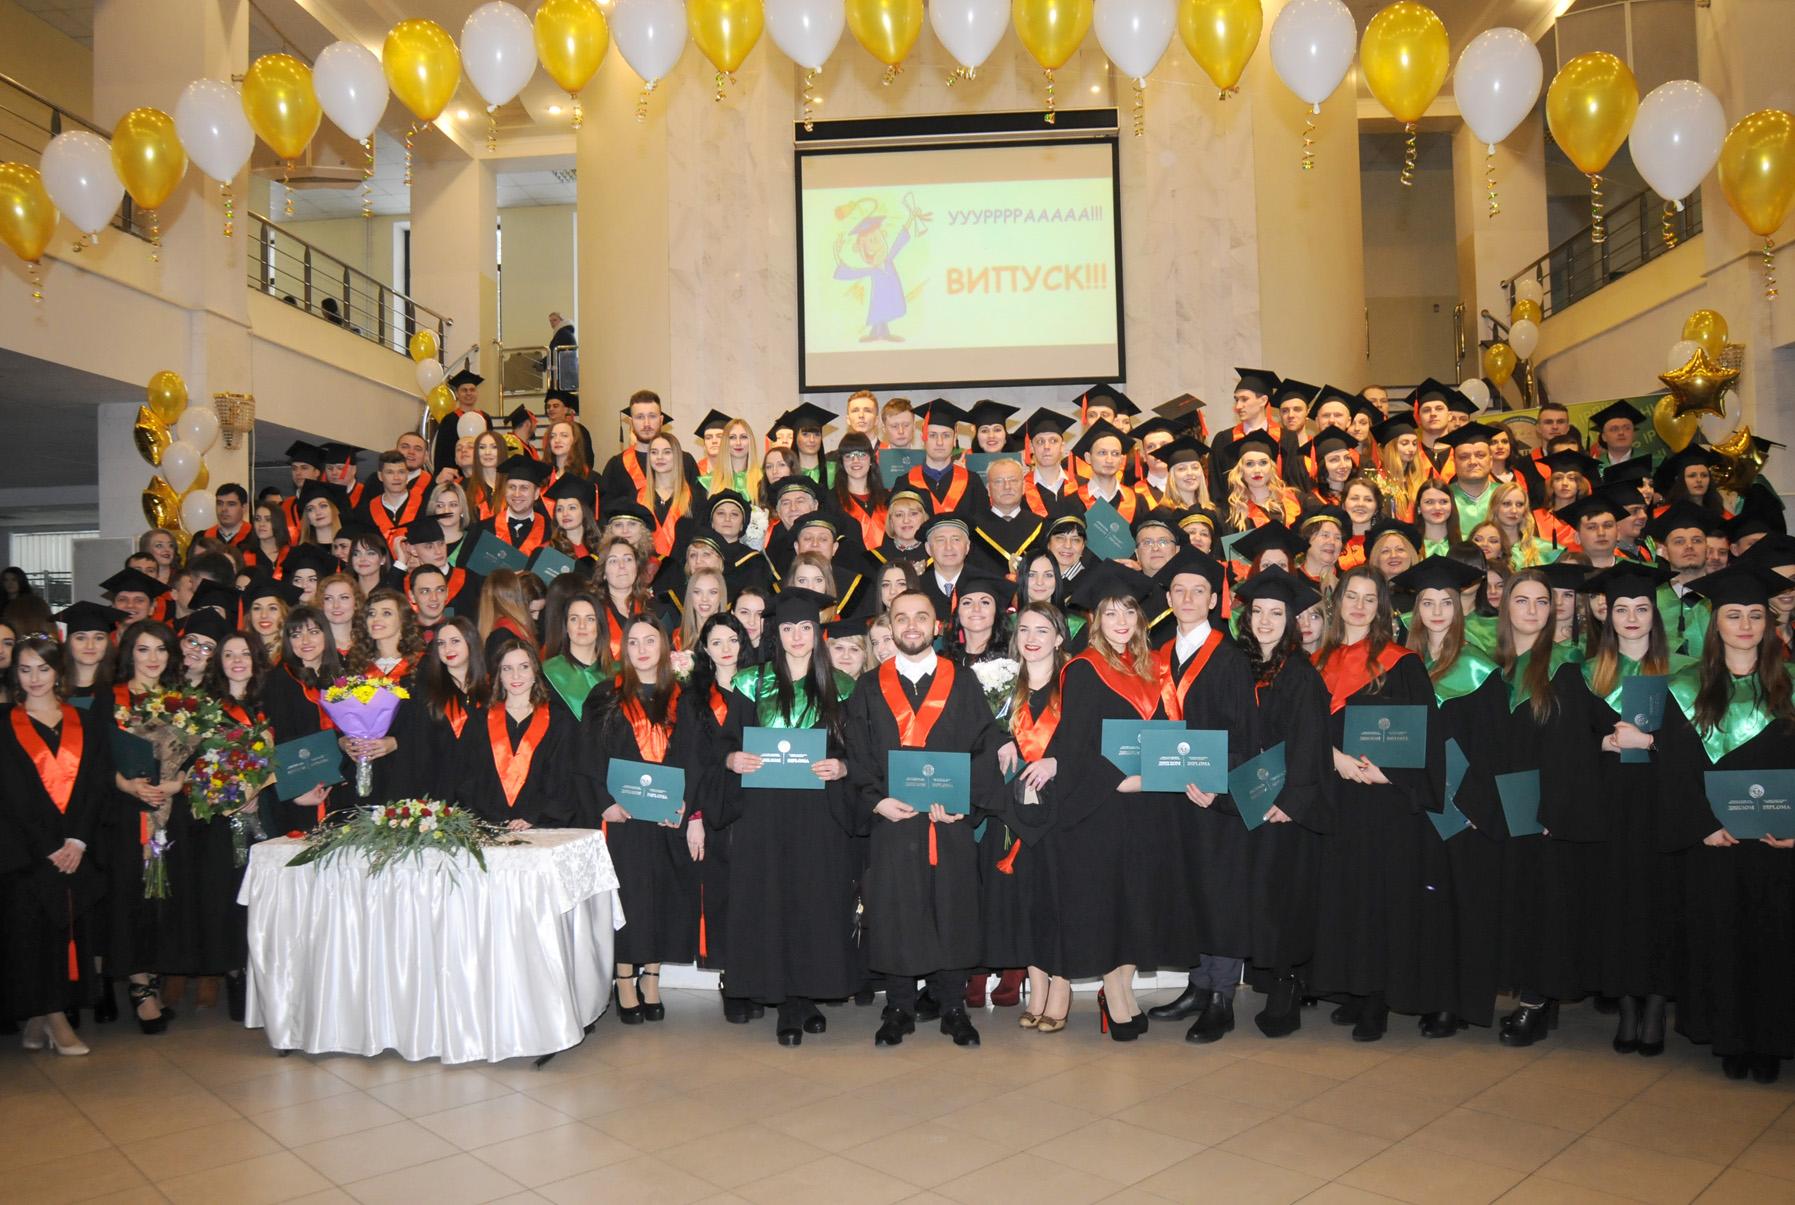 Урочисте вручення дипломів випускникам-магістрам 2018 року Навчально-наукового інституту фінансів, банківської справи